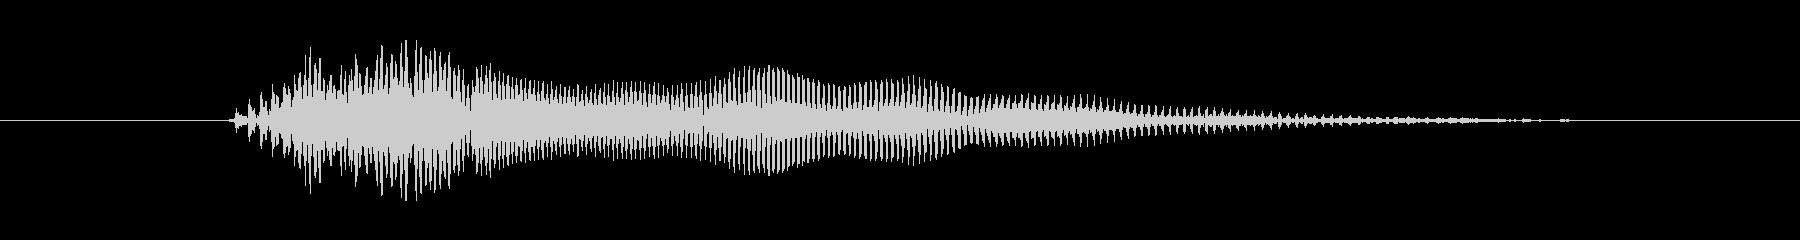 鳴き声 女ファイトモーンペイン05の未再生の波形